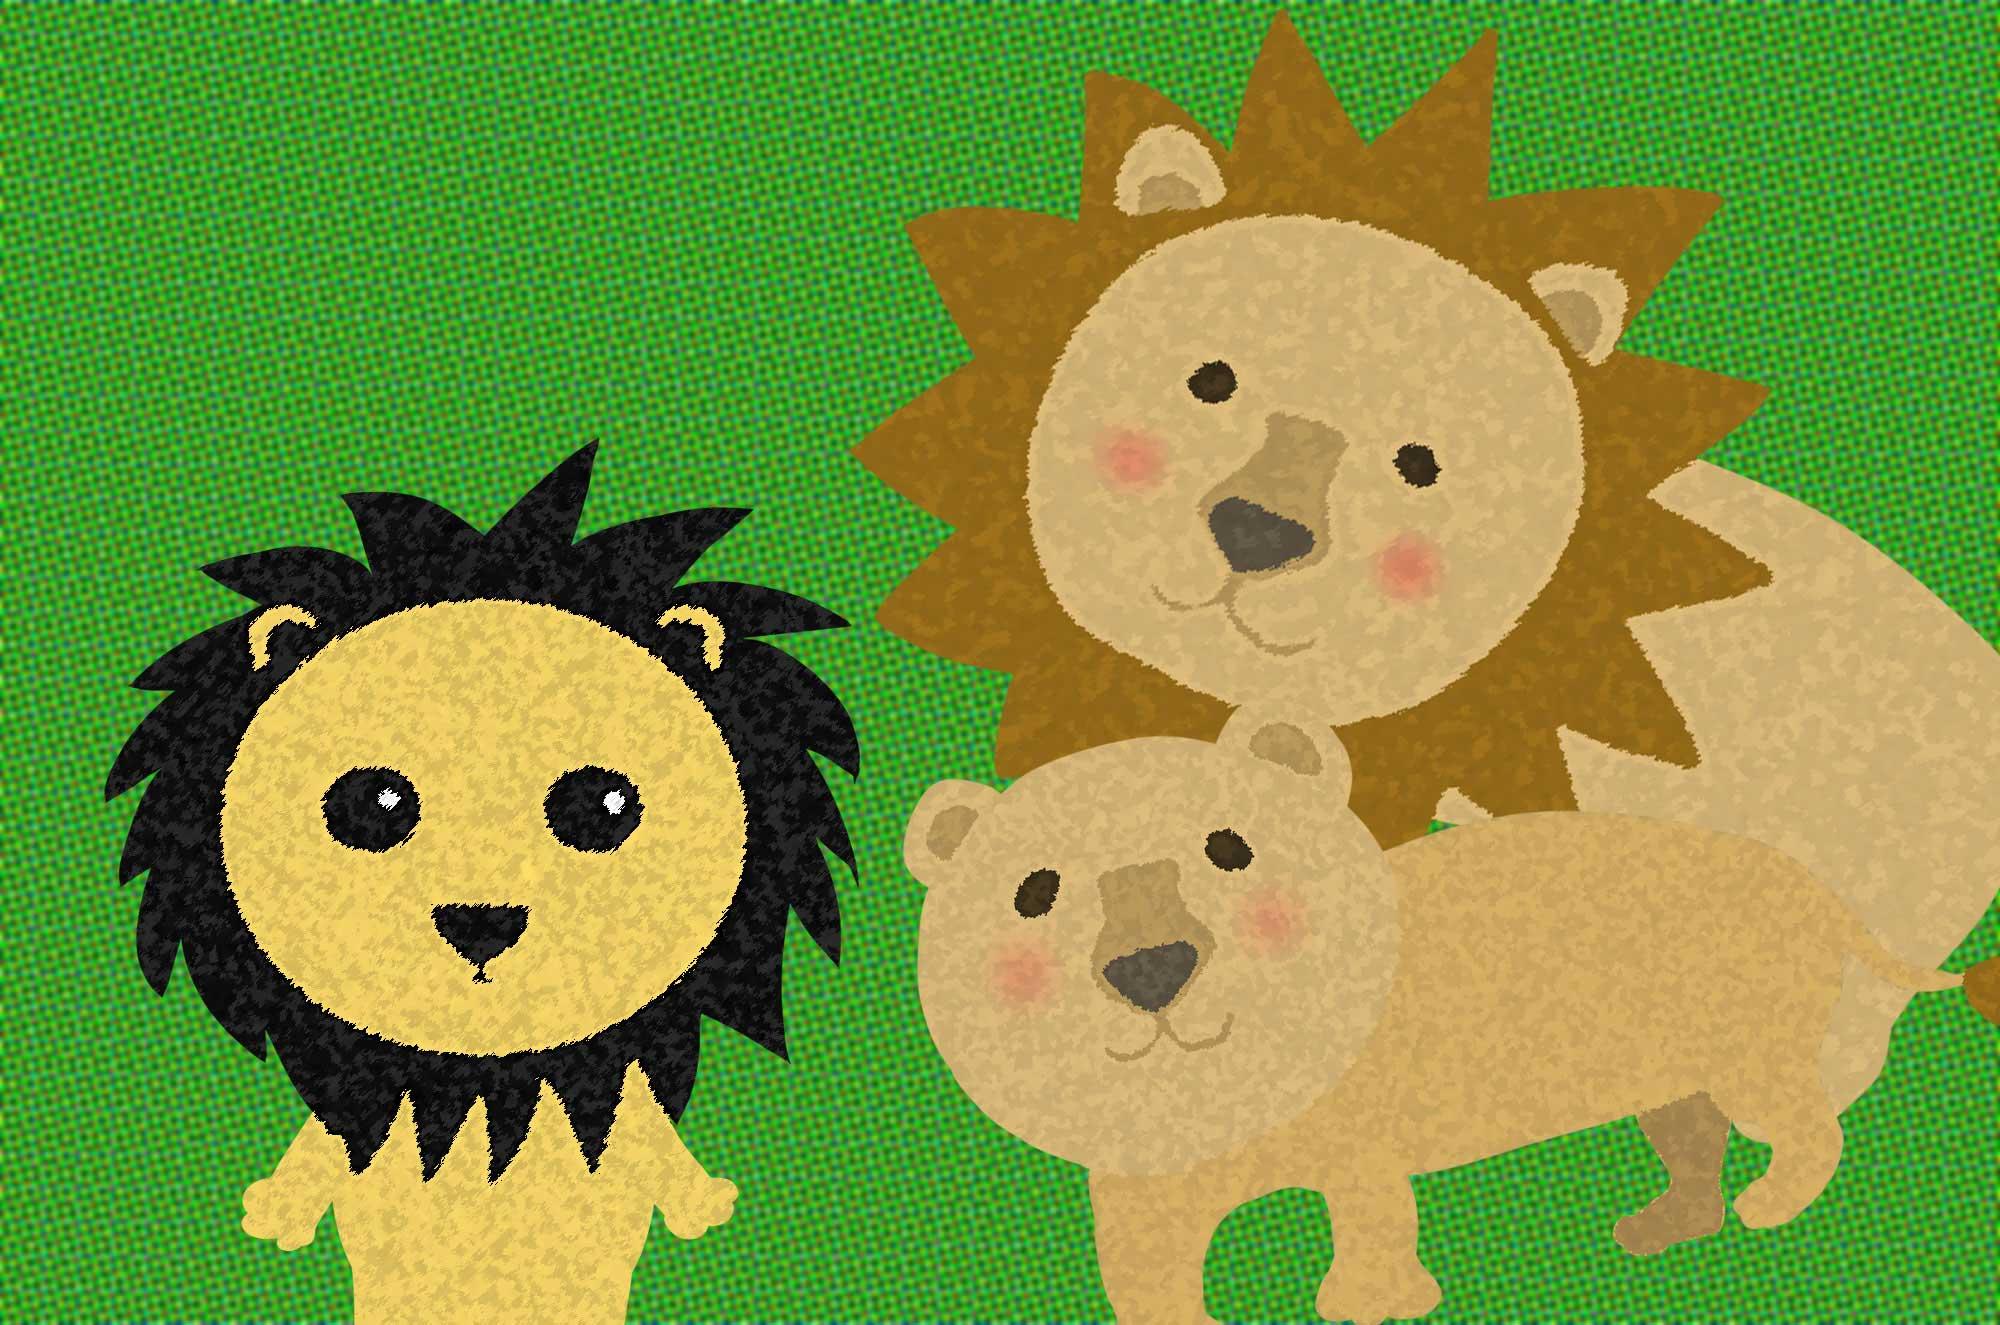 ライオンのイラスト - かわいい・かっこいい動物素材集